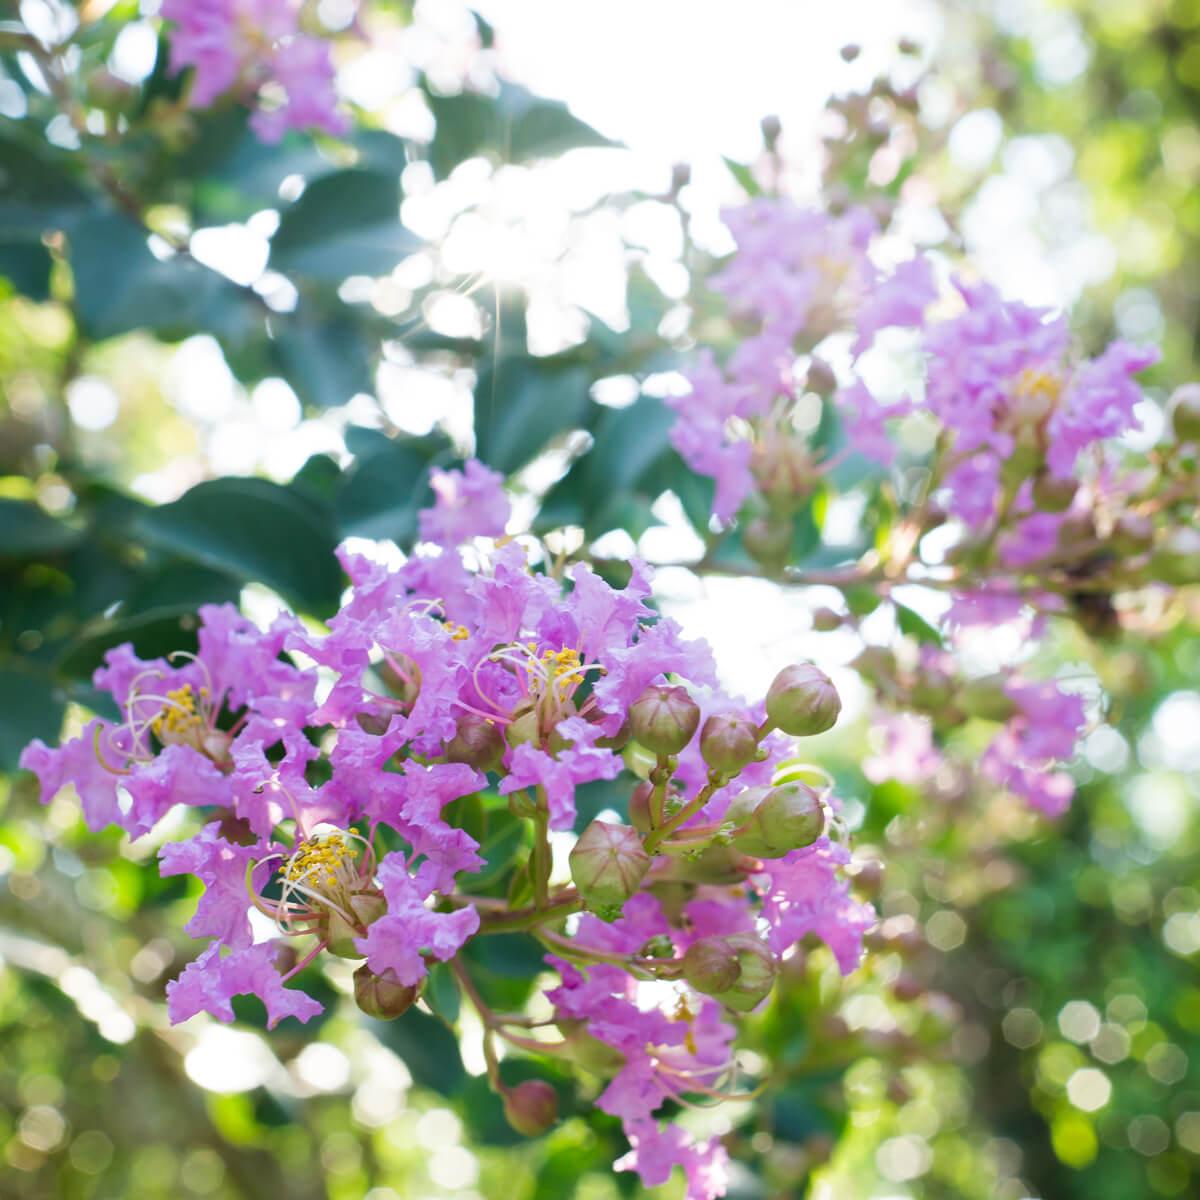 屋久島夏の花 木漏れ日 屋久島花とジュエリー オーダーメイドマリッジリングのインスピレーション